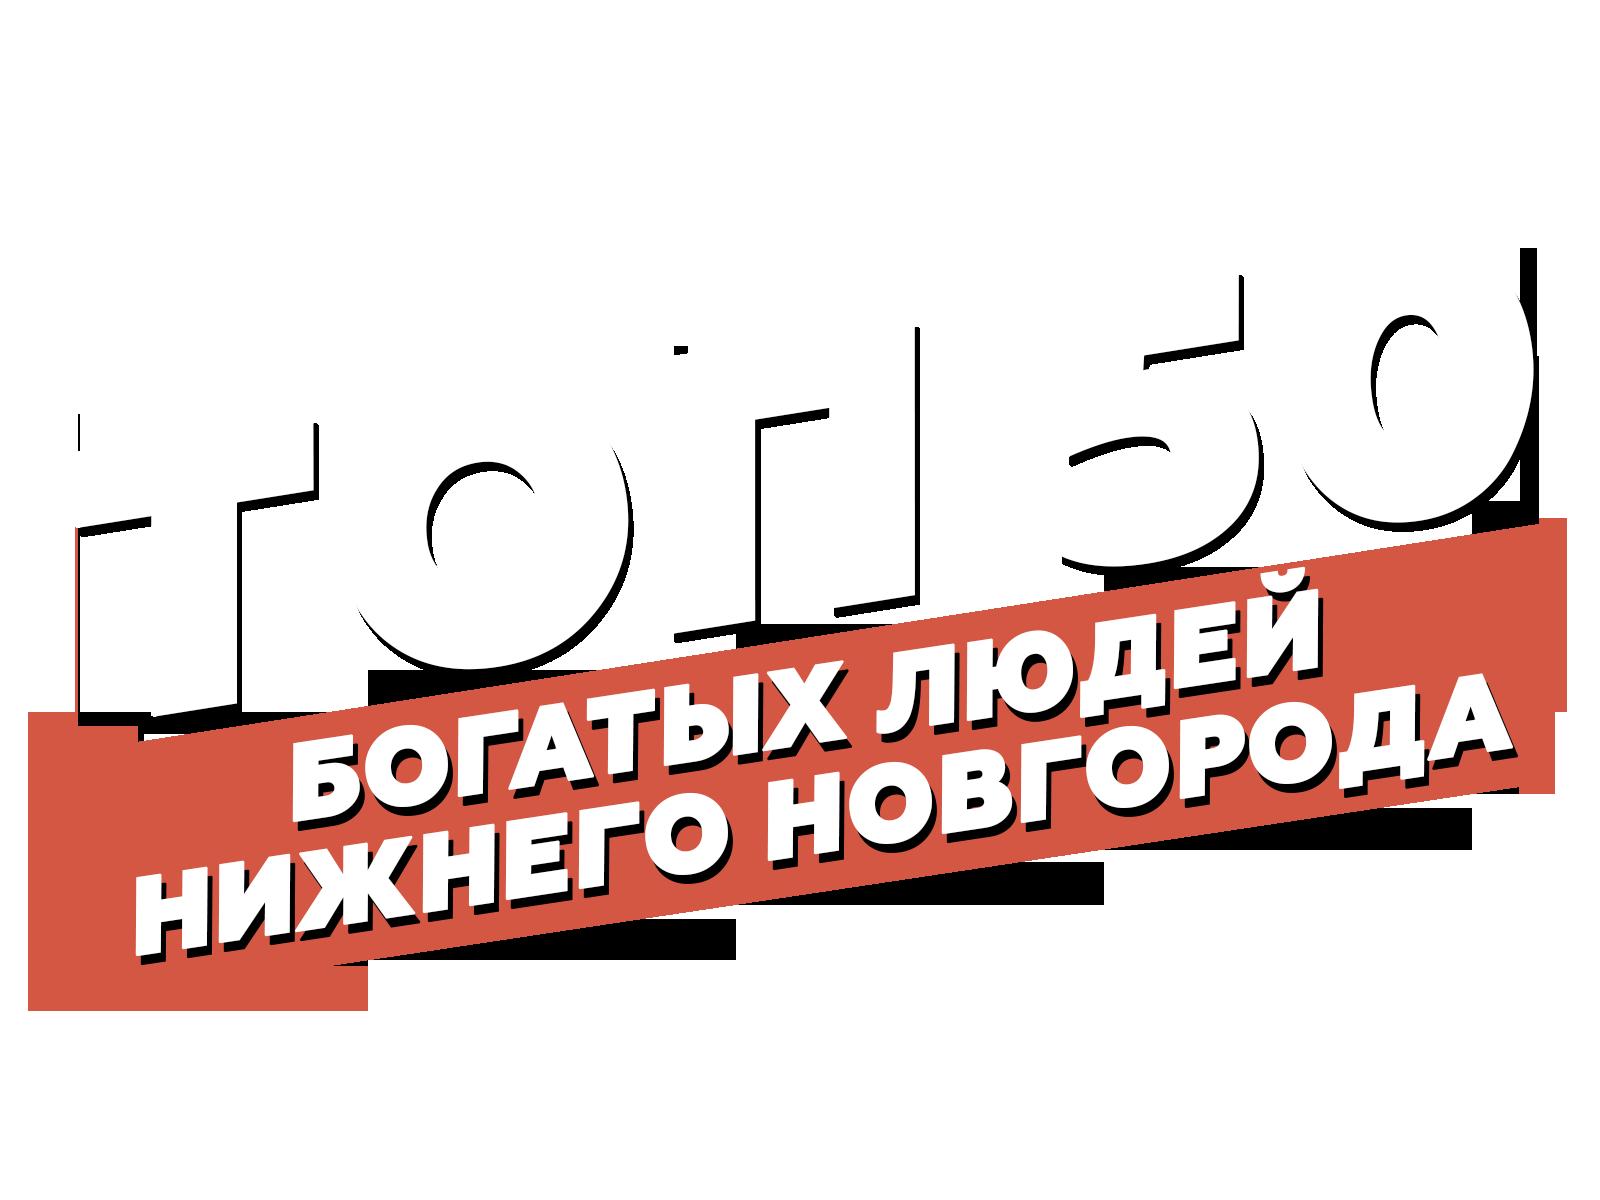 пао втб банк адрес нижний новгород автокредит от сбербанка калькулятор